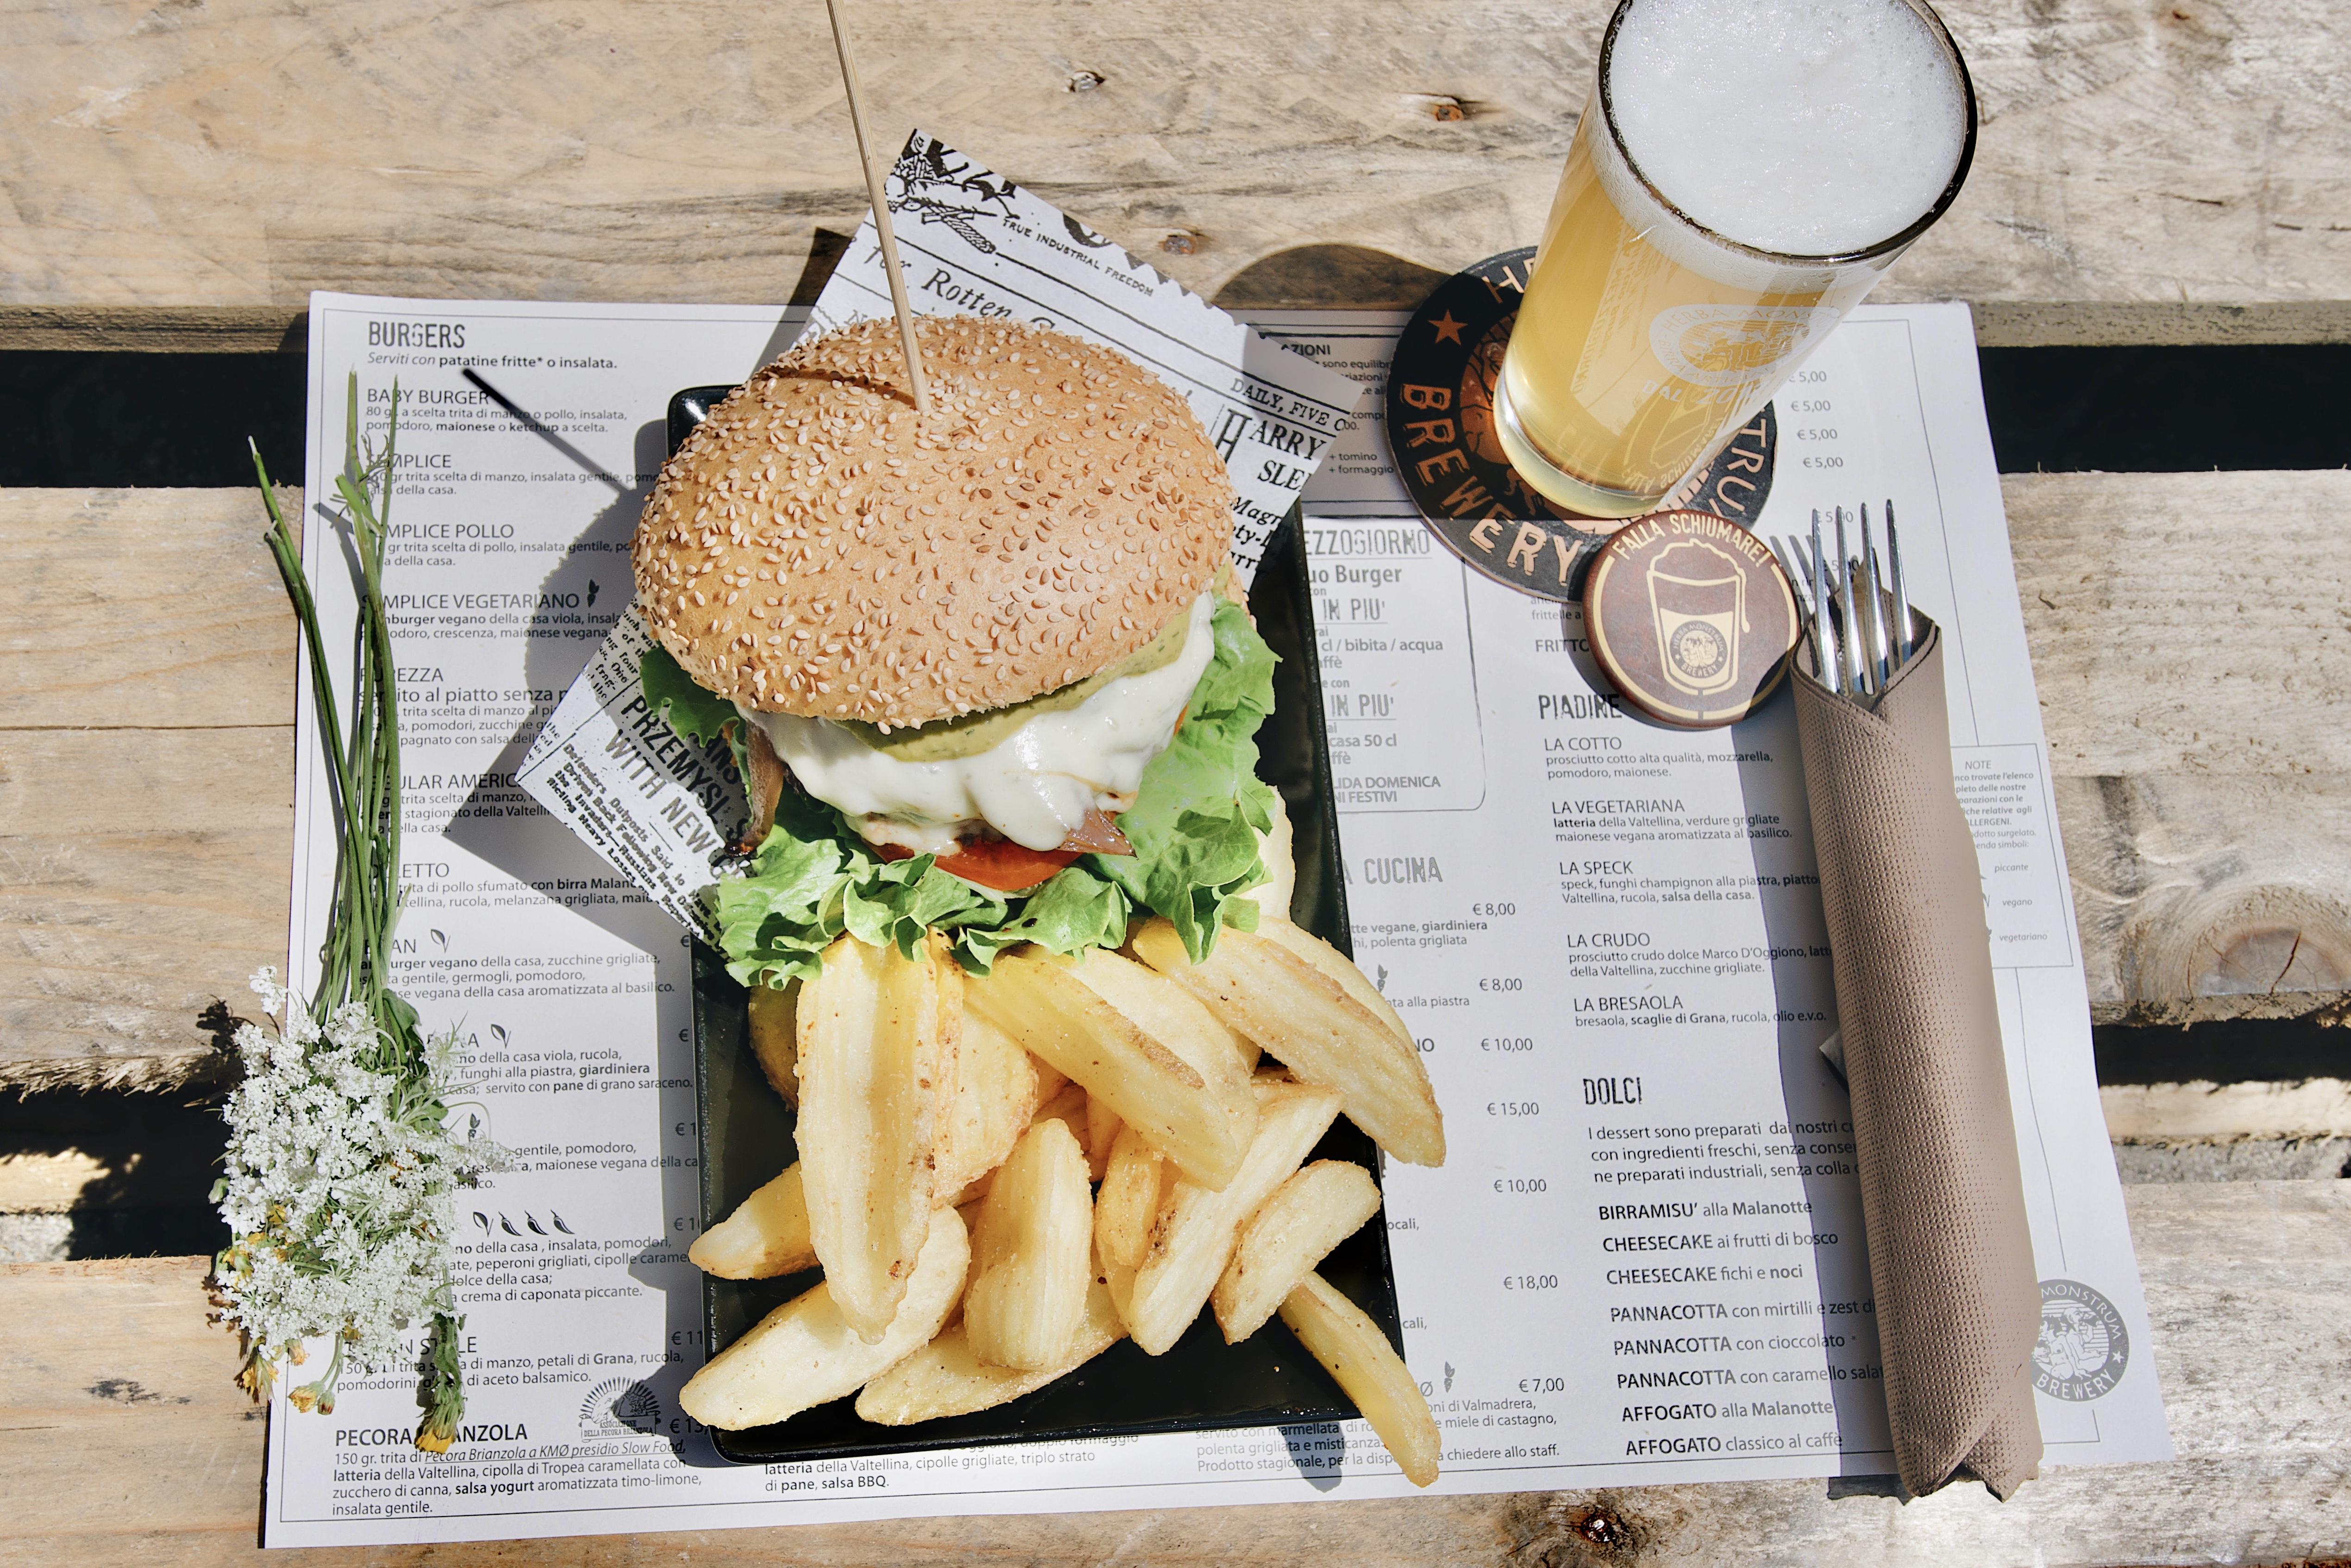 Herba Monstrum Brewery APERTO anche a pranzo. Via Ettore Monti, 29, 23851 in zona Ponte Azzone Visconti Lecco. Hamburger, patatine, birra artigianale, caffè Malatesta.